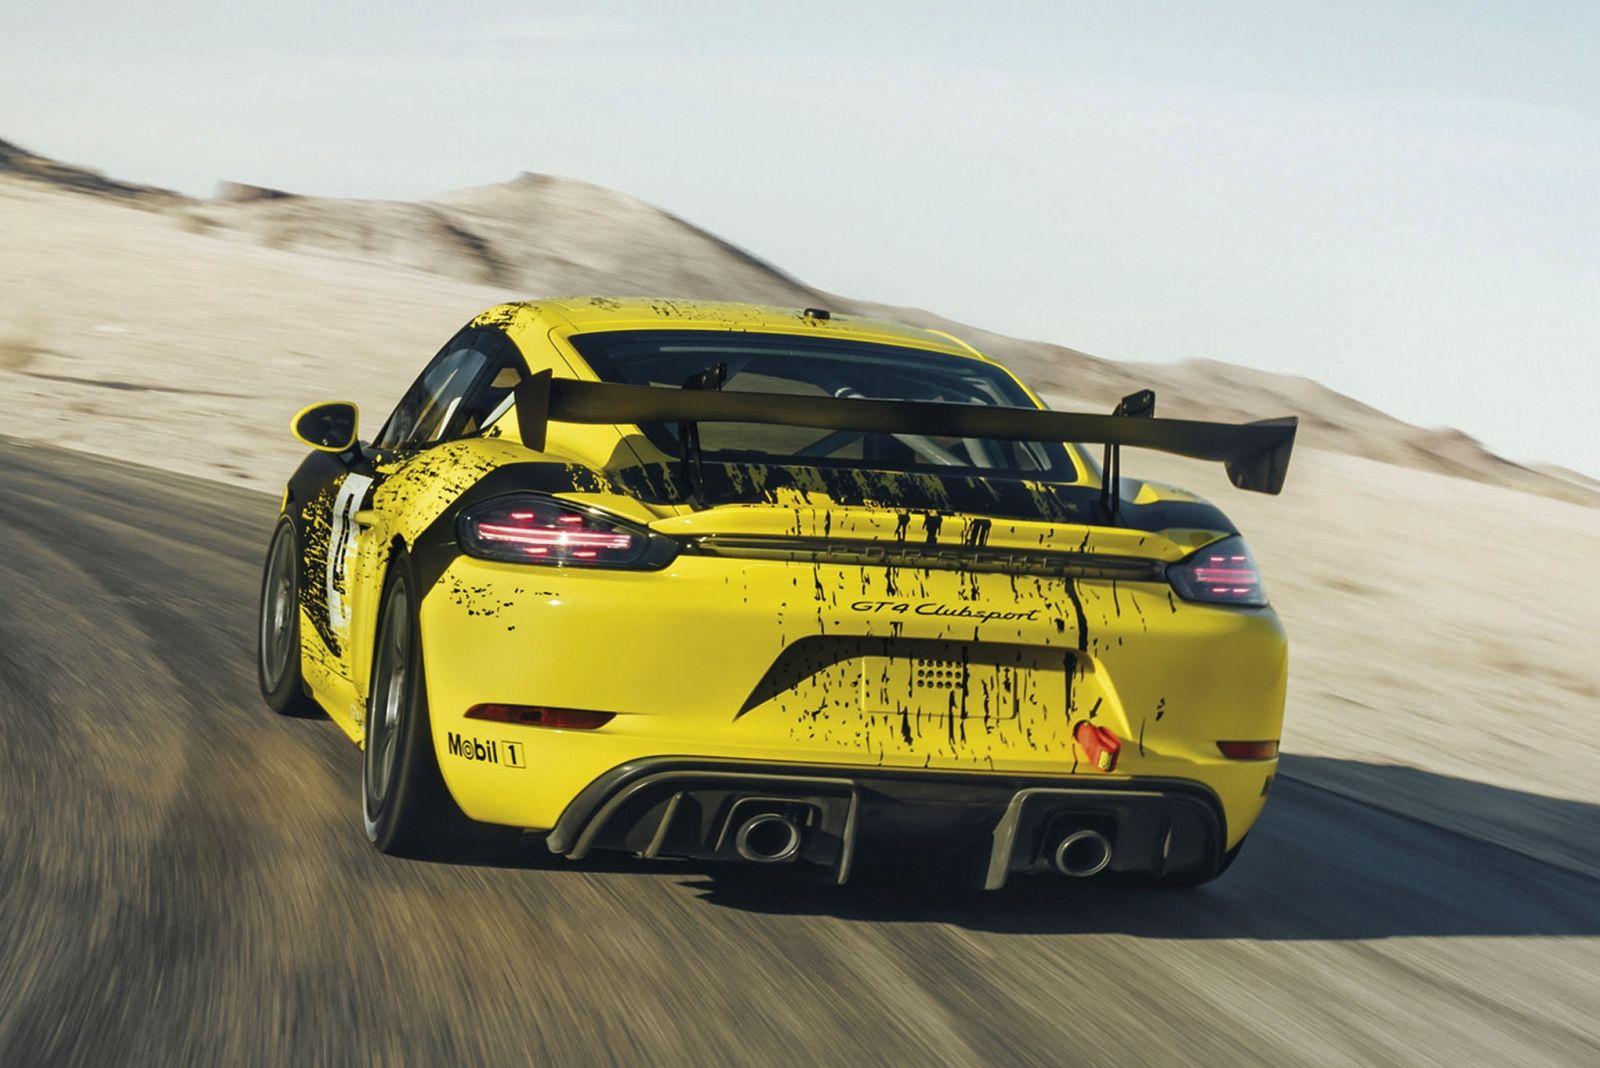 Itt az új Porsche ügyfélversenyautó AUTOBLOG